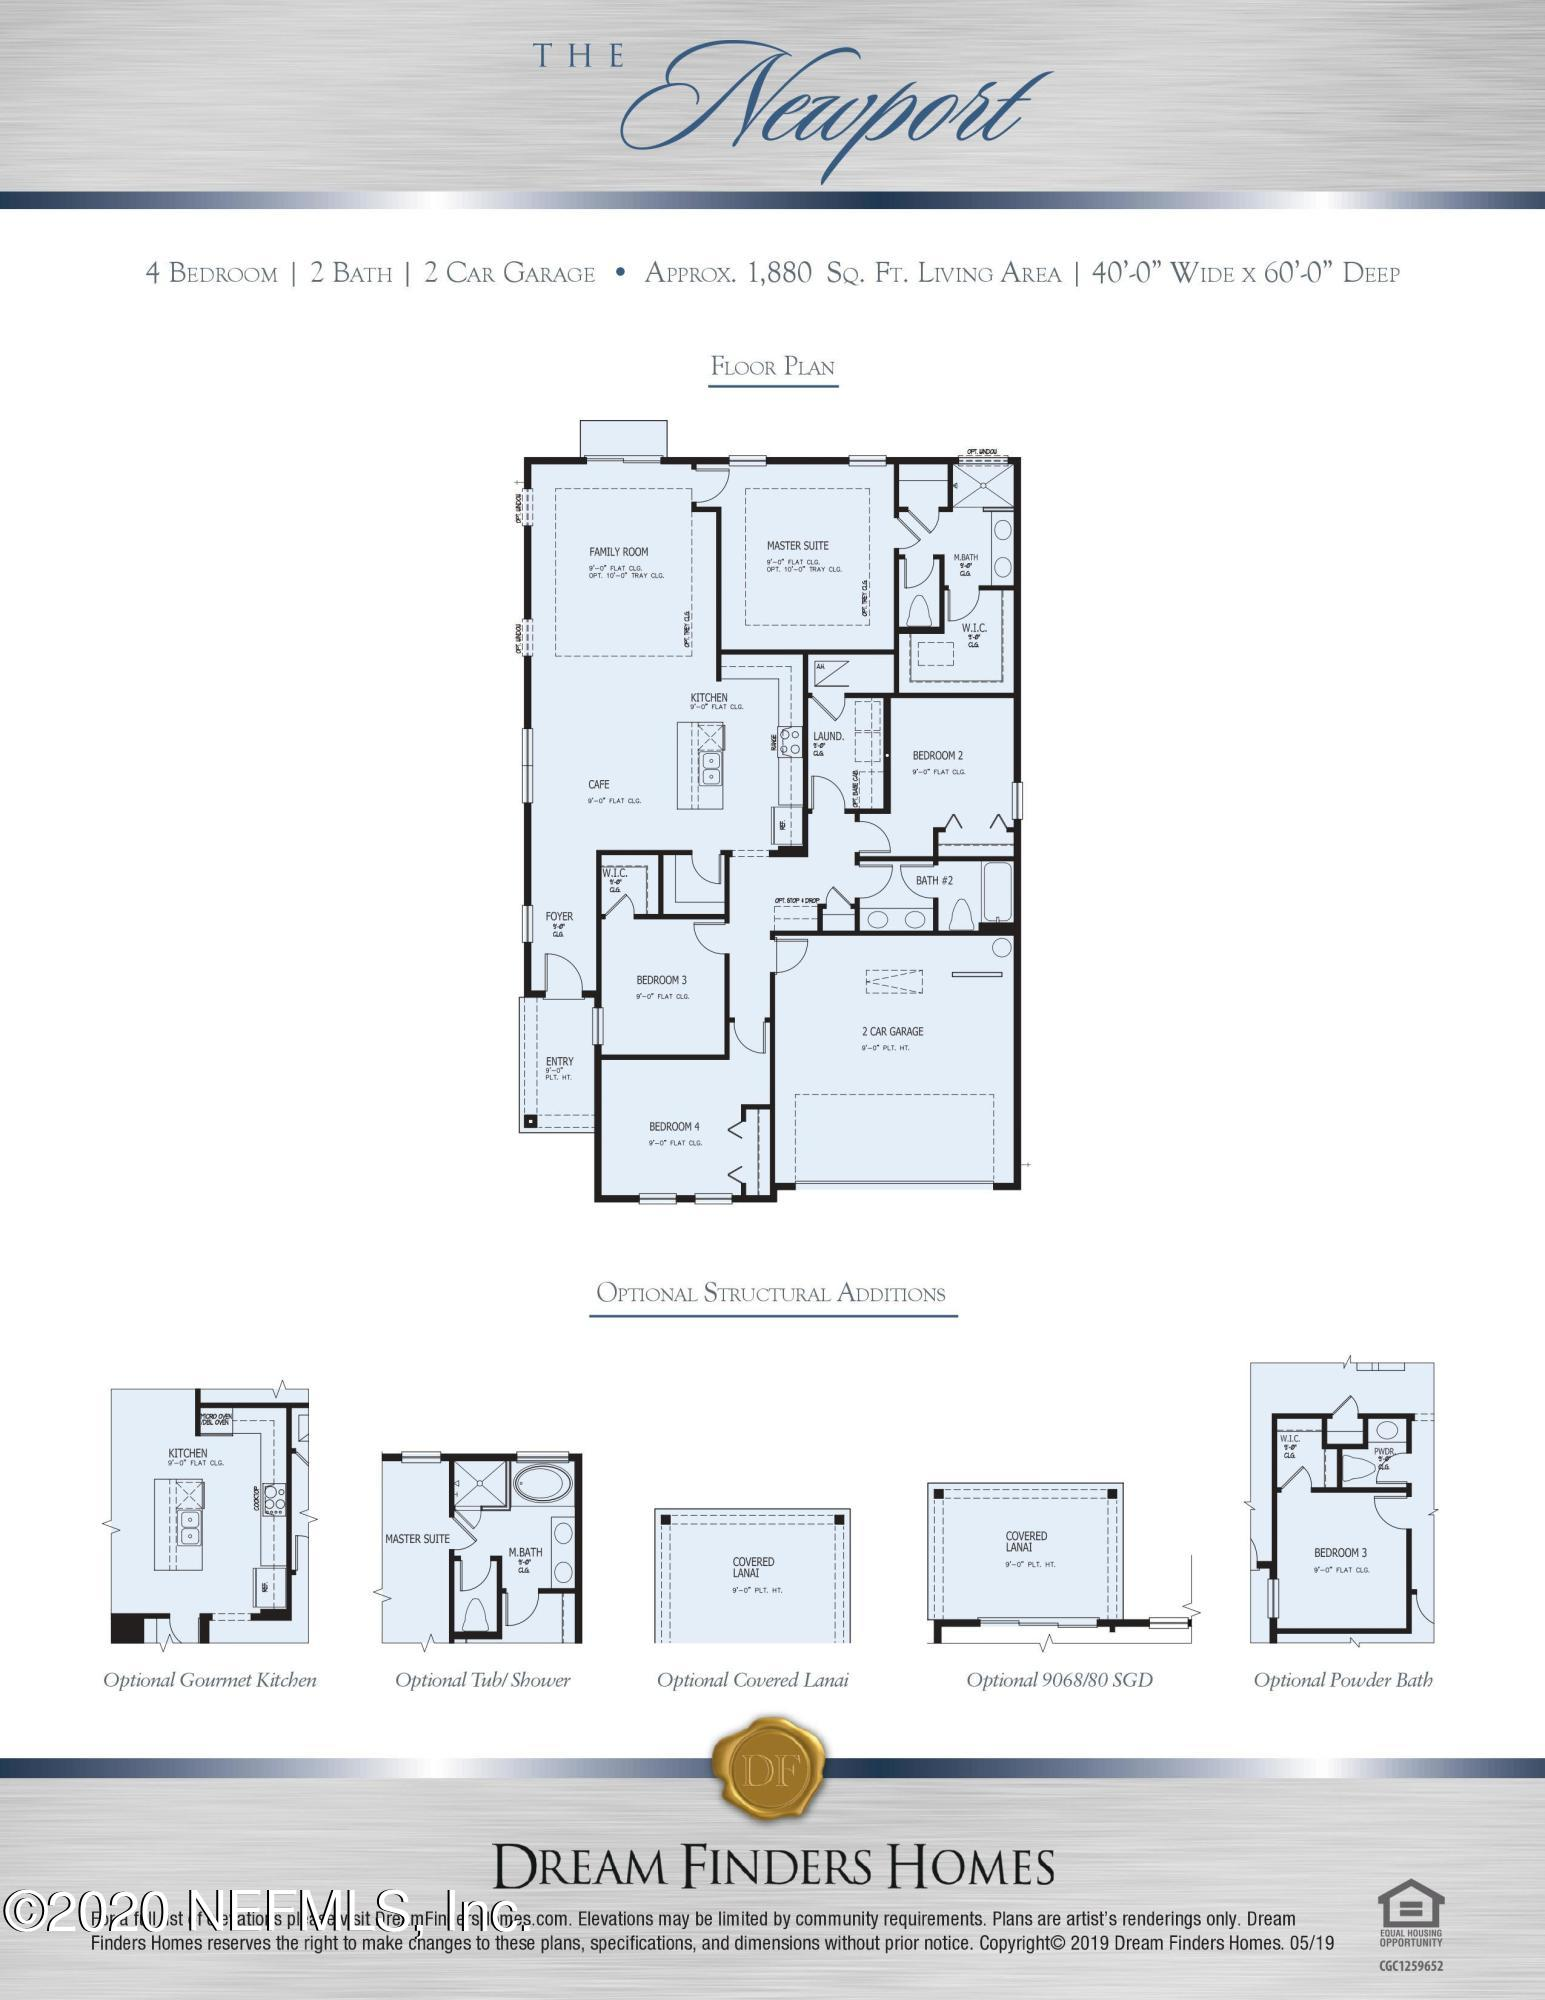 130 WINDERMERE, ST AUGUSTINE, FLORIDA 32095, 4 Bedrooms Bedrooms, ,2 BathroomsBathrooms,Residential,For sale,WINDERMERE,1088019